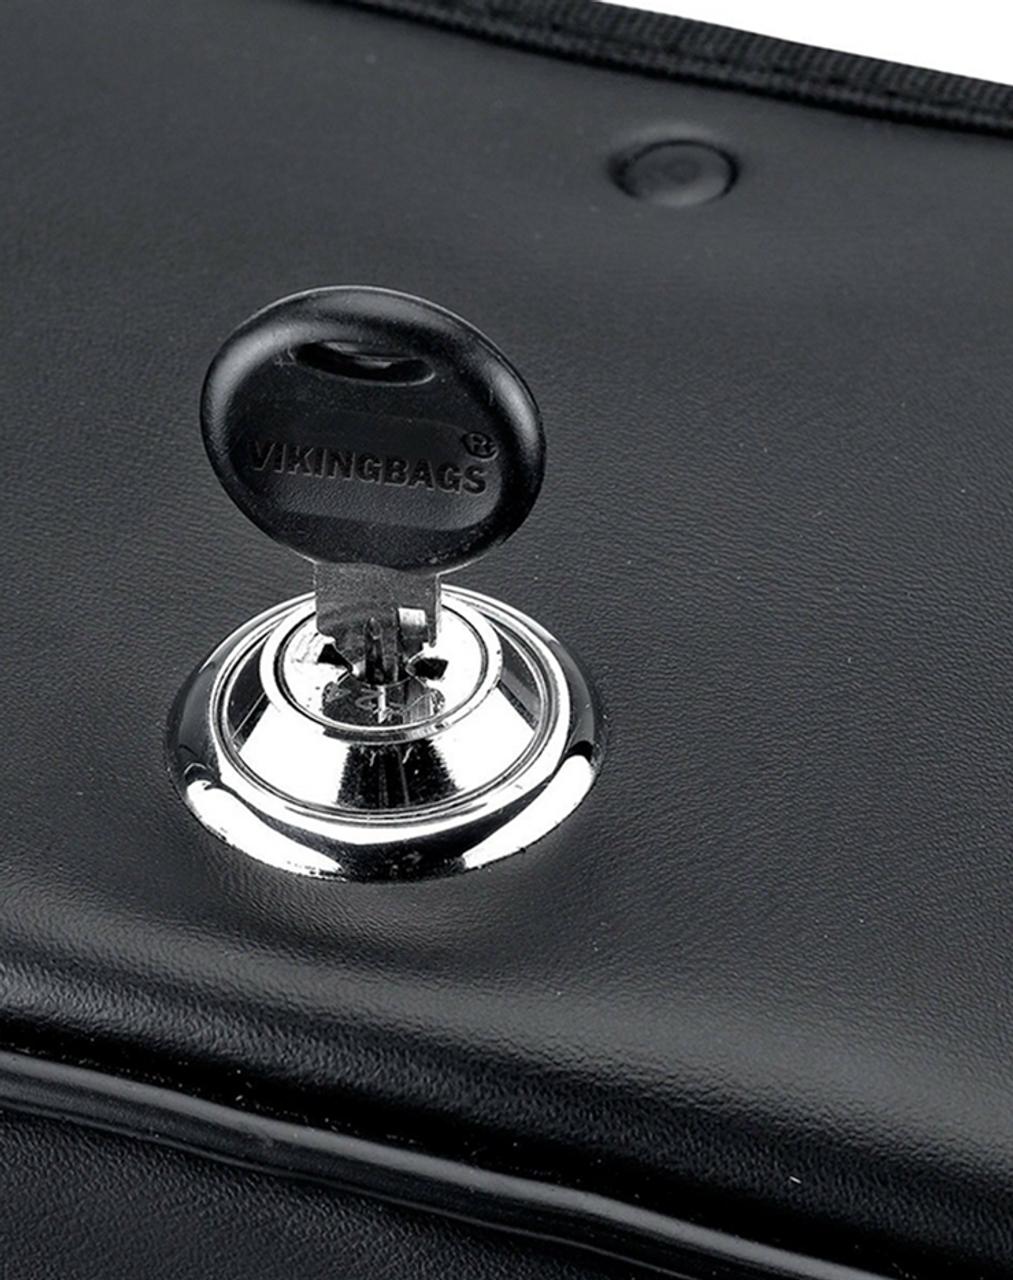 Yamaha Startoliner XV 1900 VikingBags Overlord Large Side Pocket Saddlebags Key Lockable View